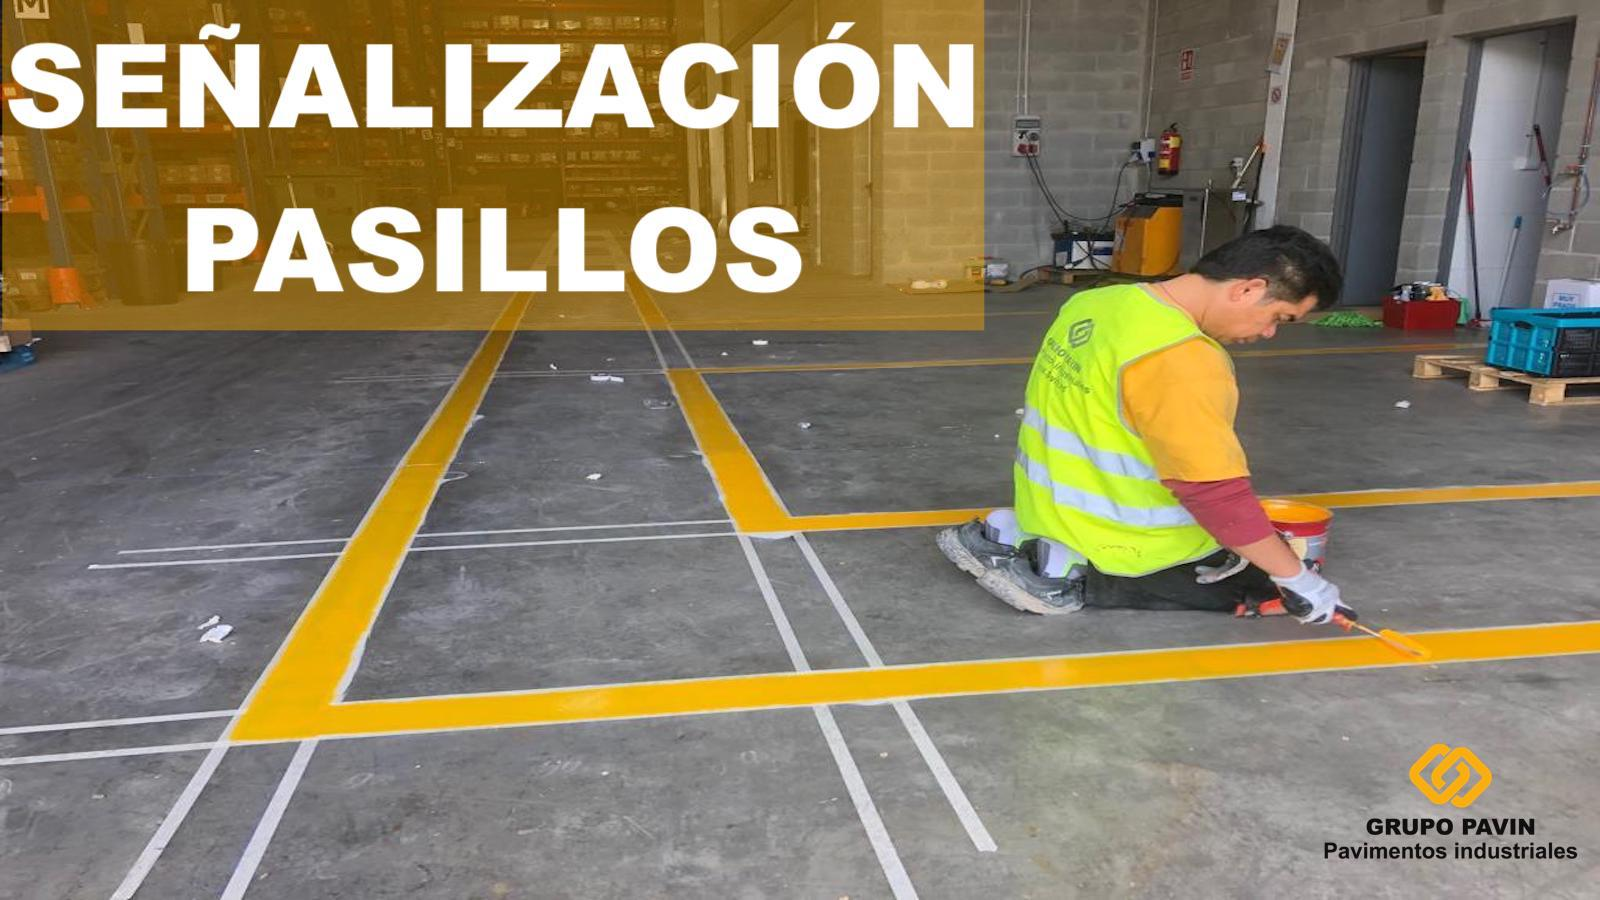 Señalización pasillos